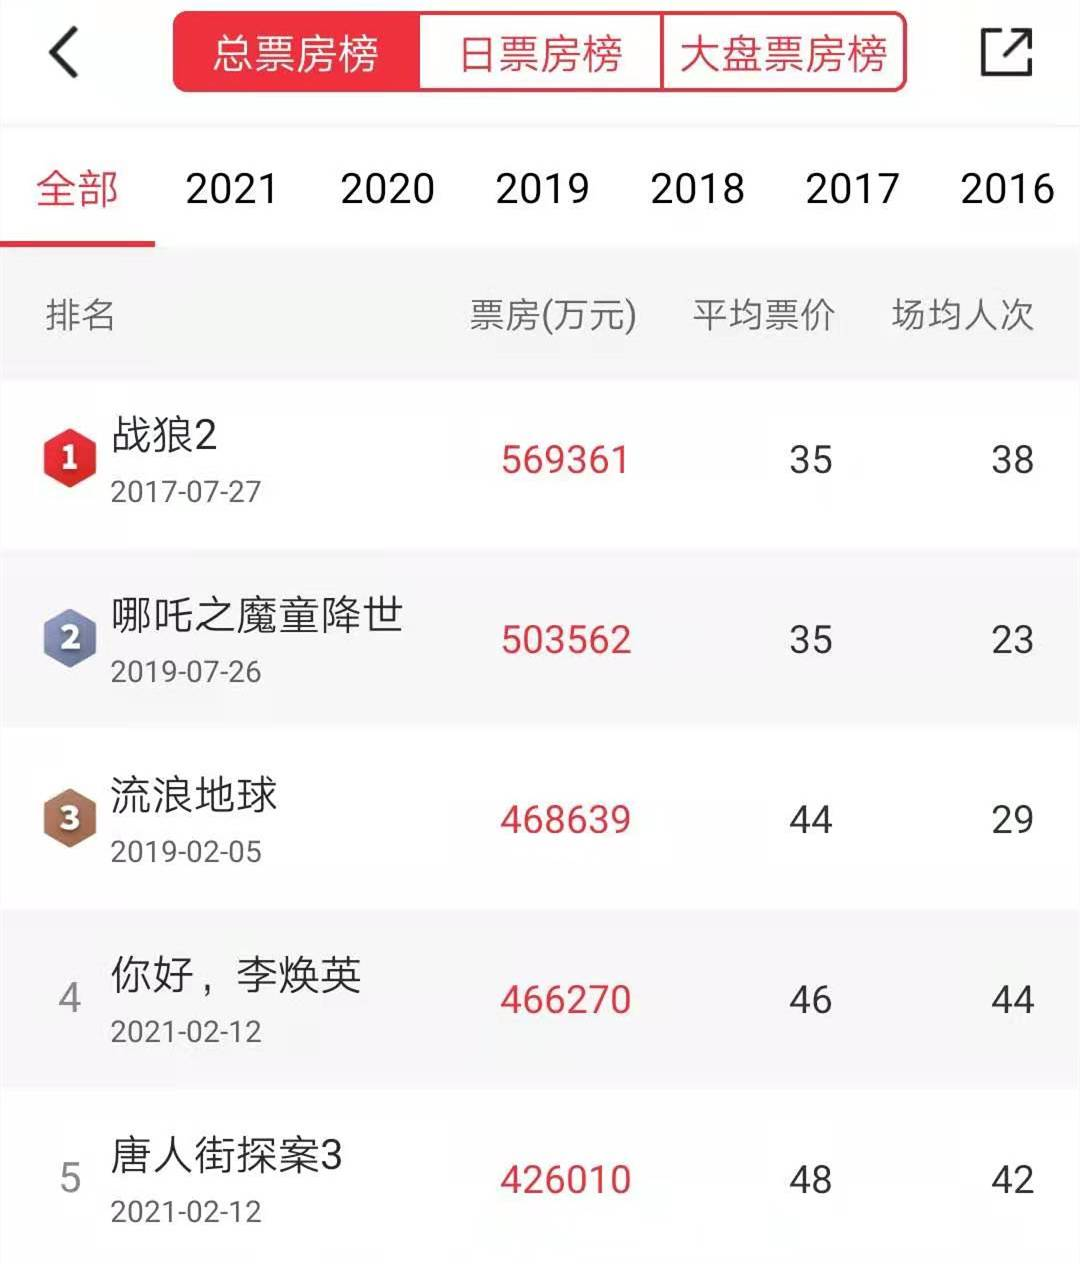 《【杏鑫登陆注册】《复联4》被反超!中国影史票房前五被国产片包揽》